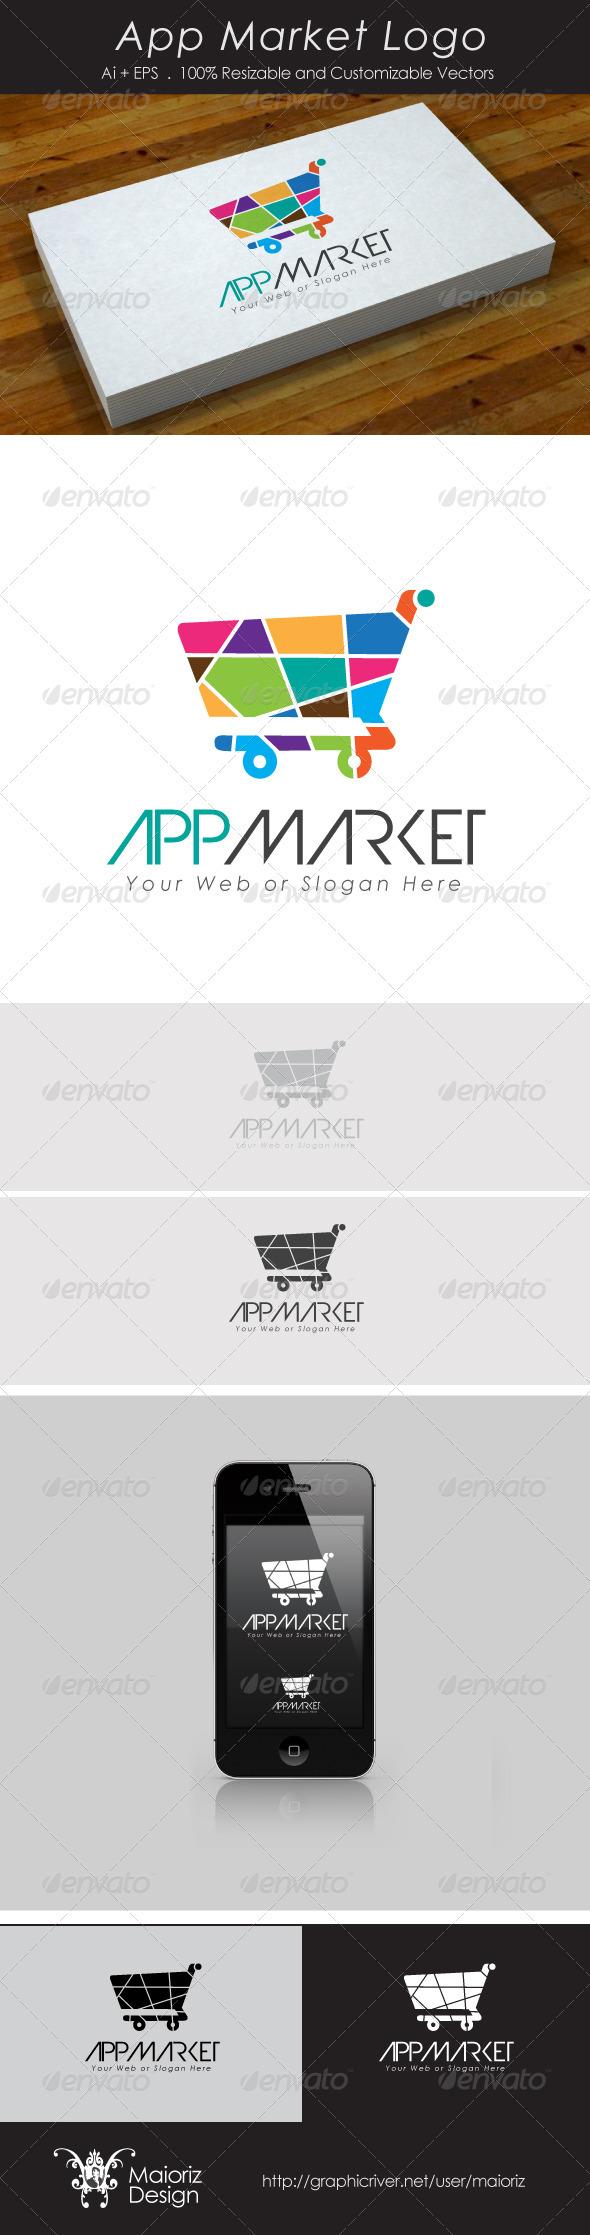 App Market Logo